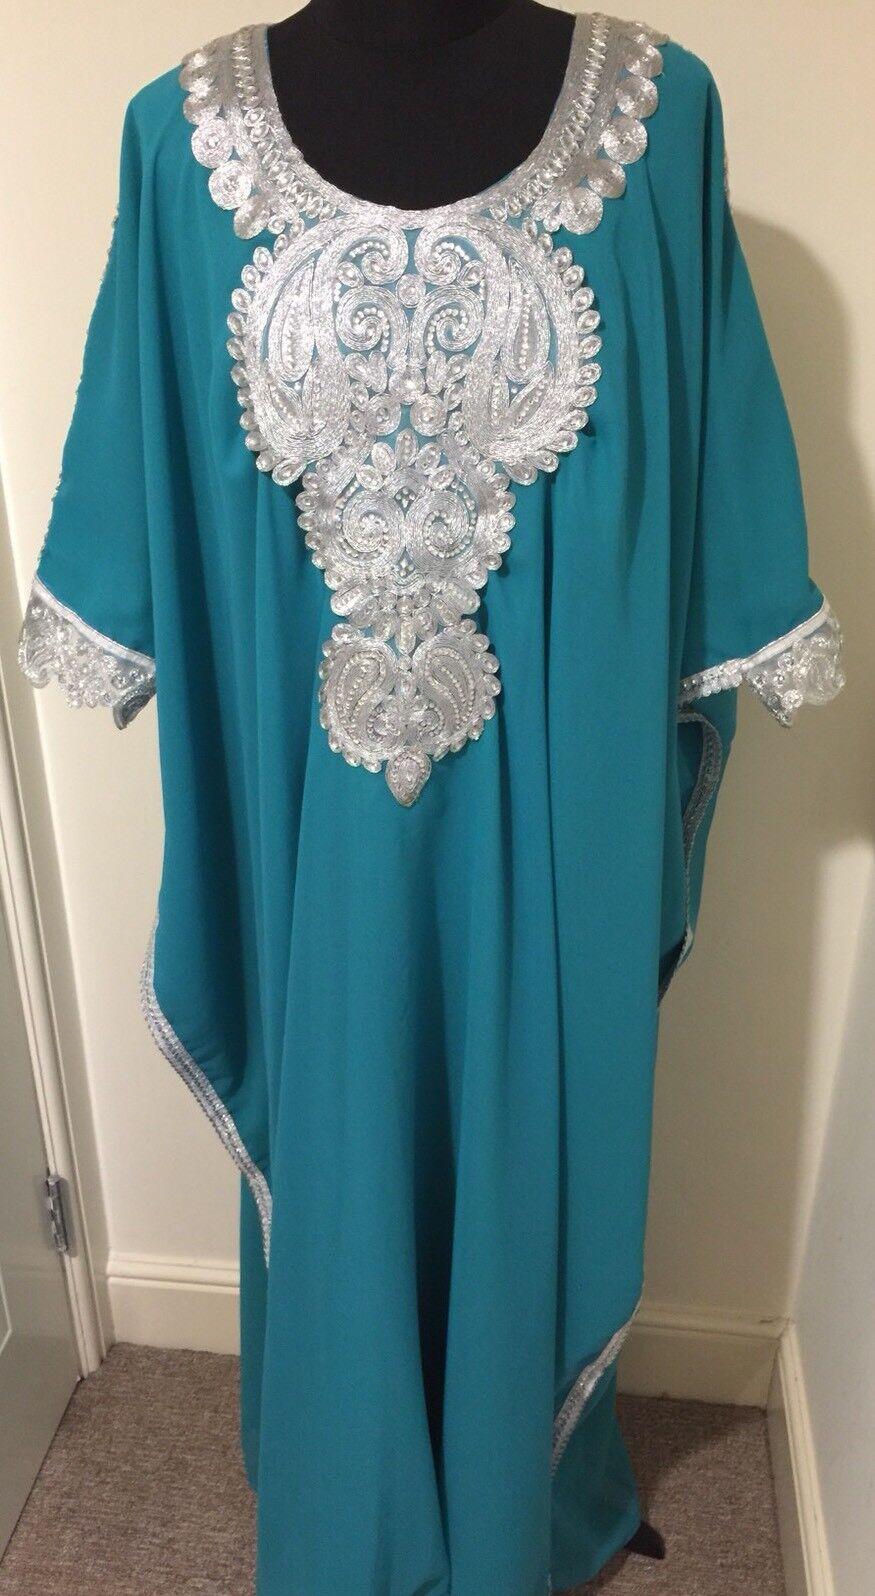 Dubai Abaya Jilbab Jalabiya Farasha Party Celebration Kaftan Diamante Maternity Maternity Maternity 248460